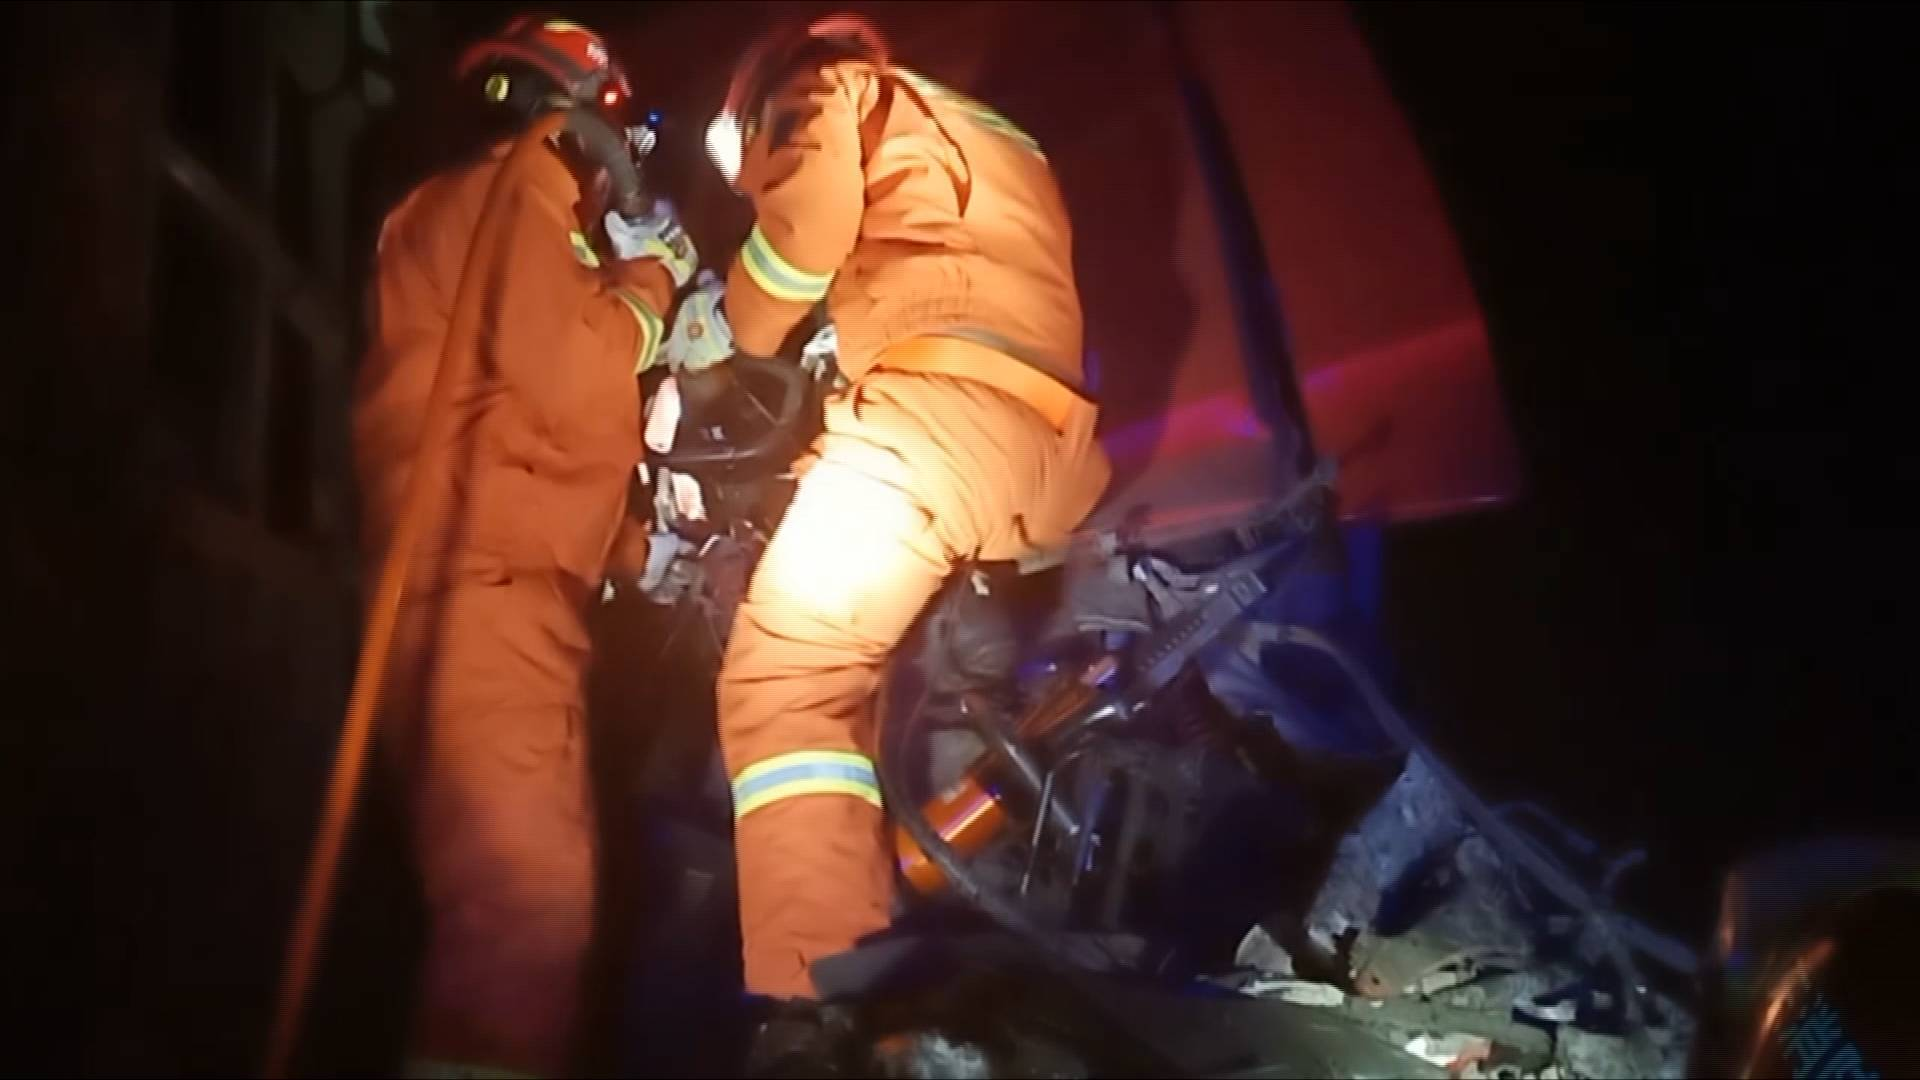 42秒|司机行车途中打电话酿车祸1人被困 德州消防紧急救援